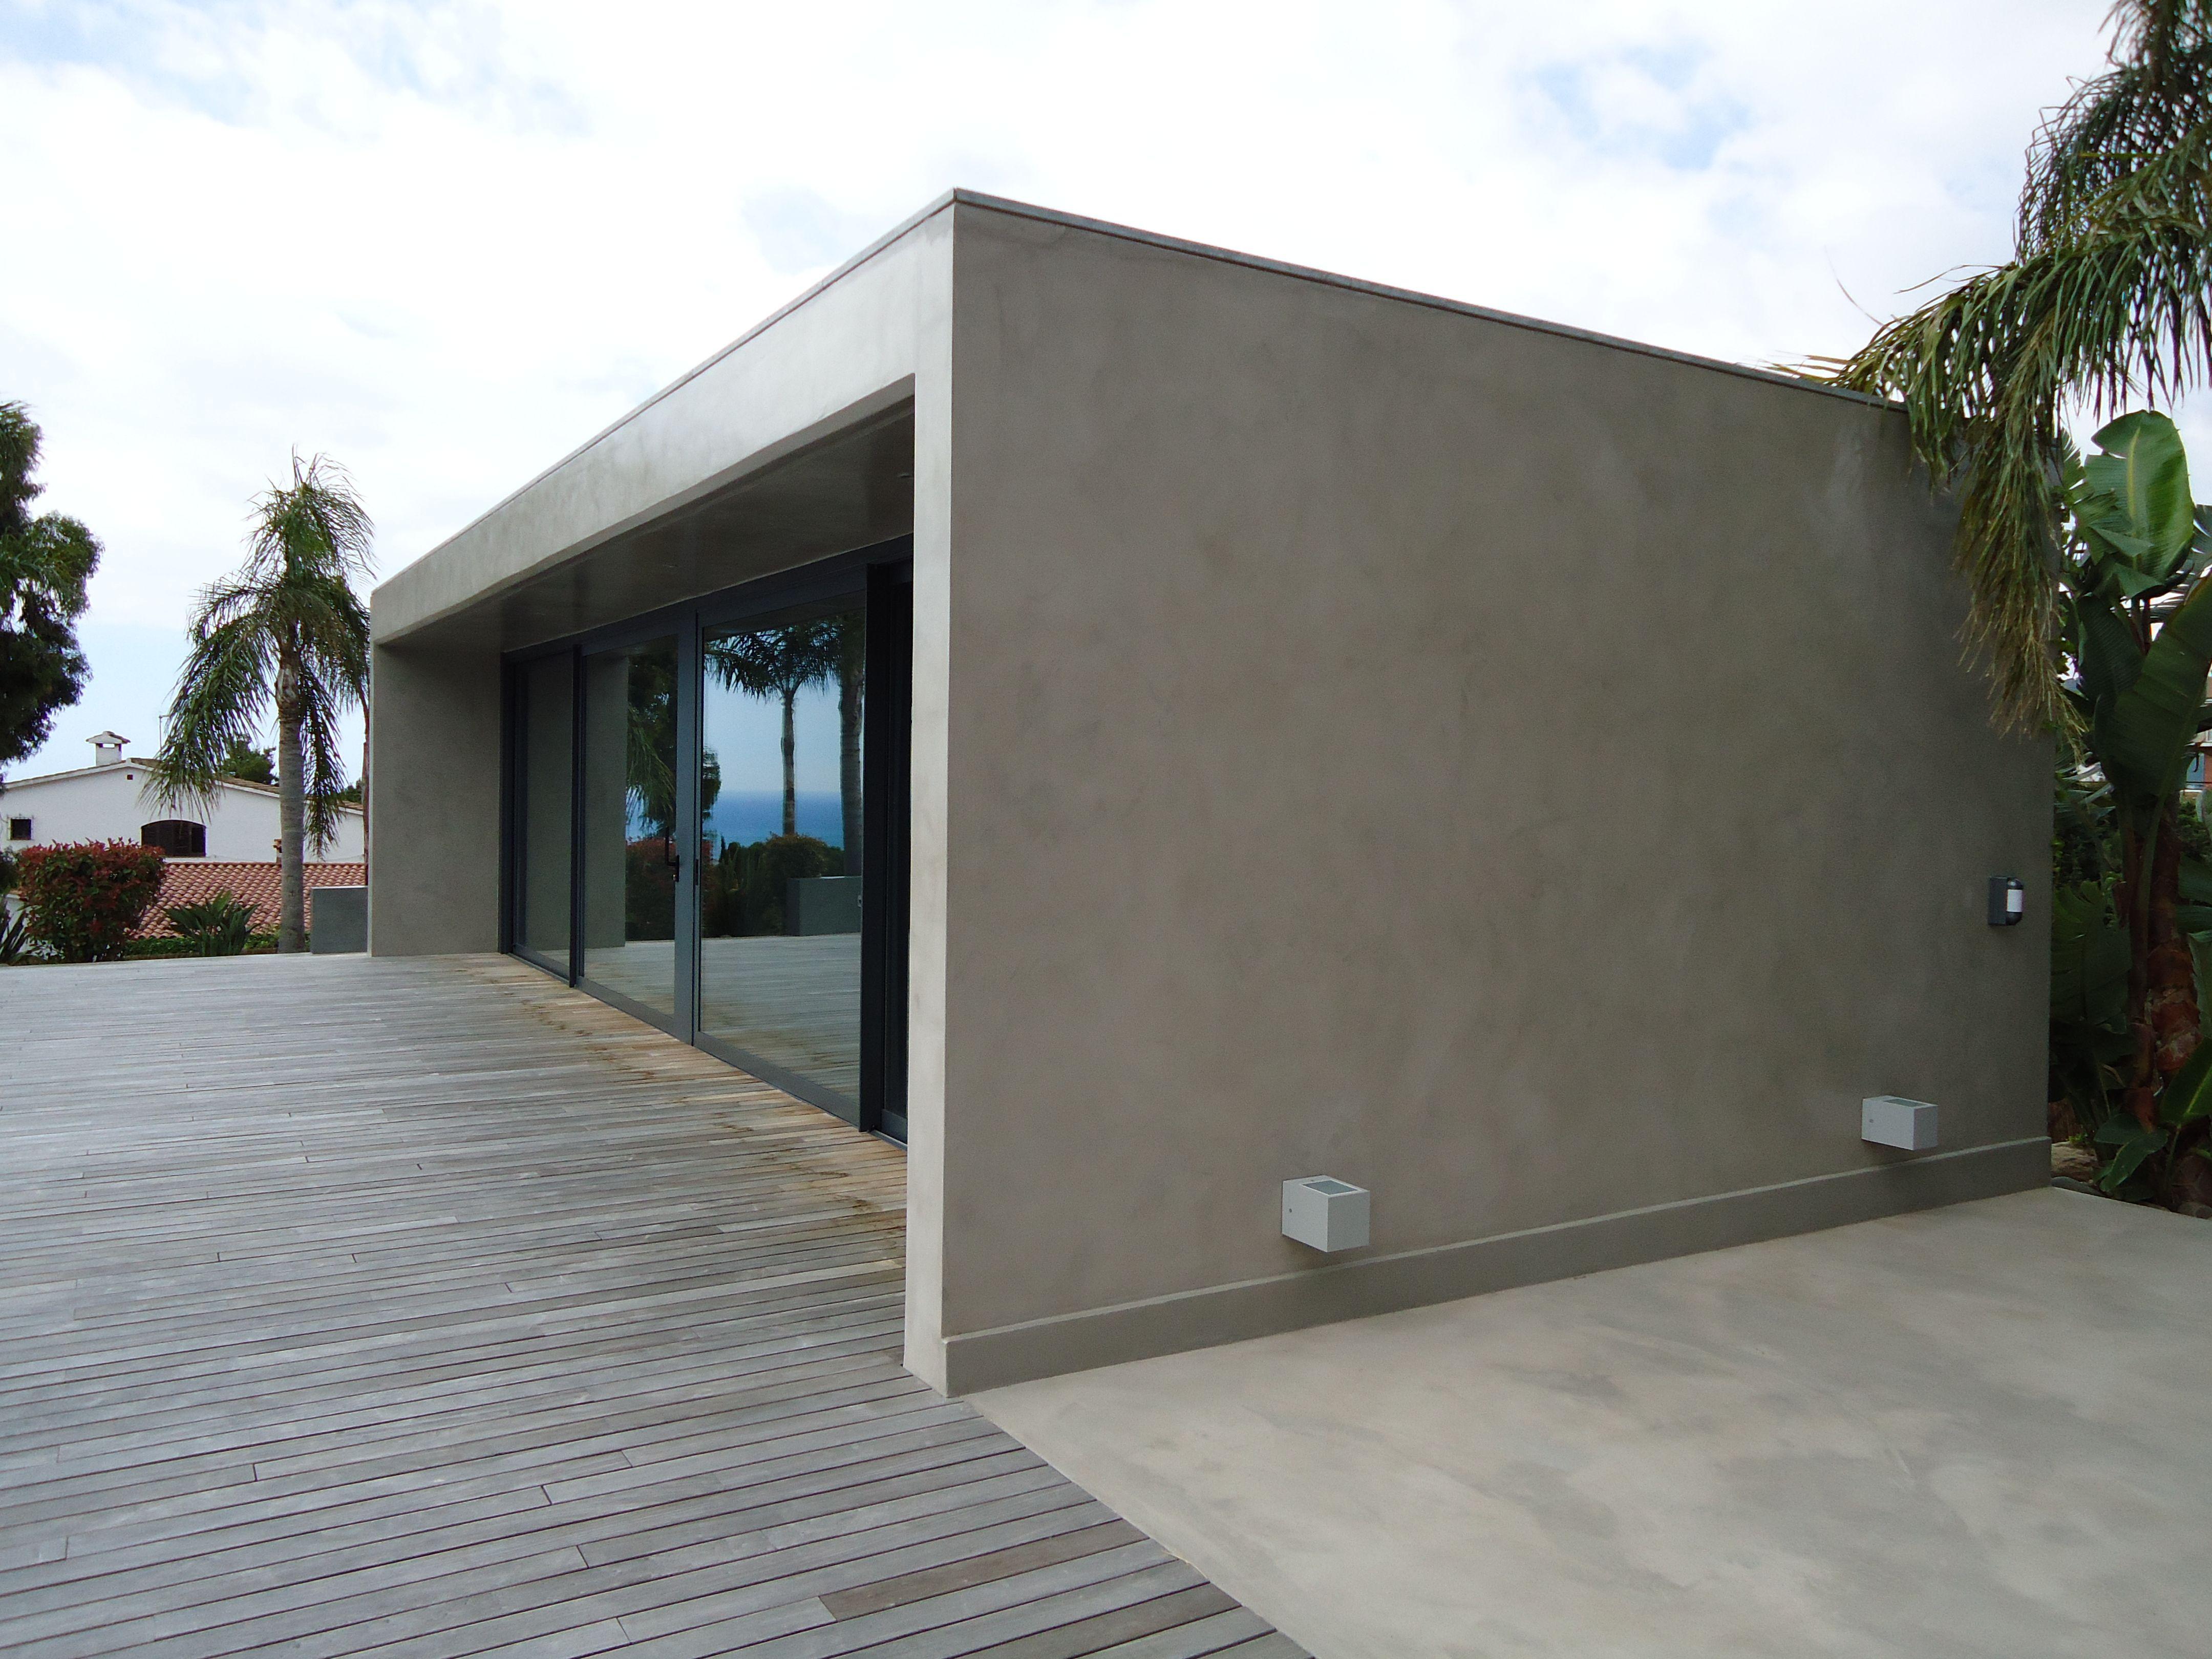 Fachada de microcemento gris acero fachada microcemento en 2019 house house styles y stair - Color gris acero ...